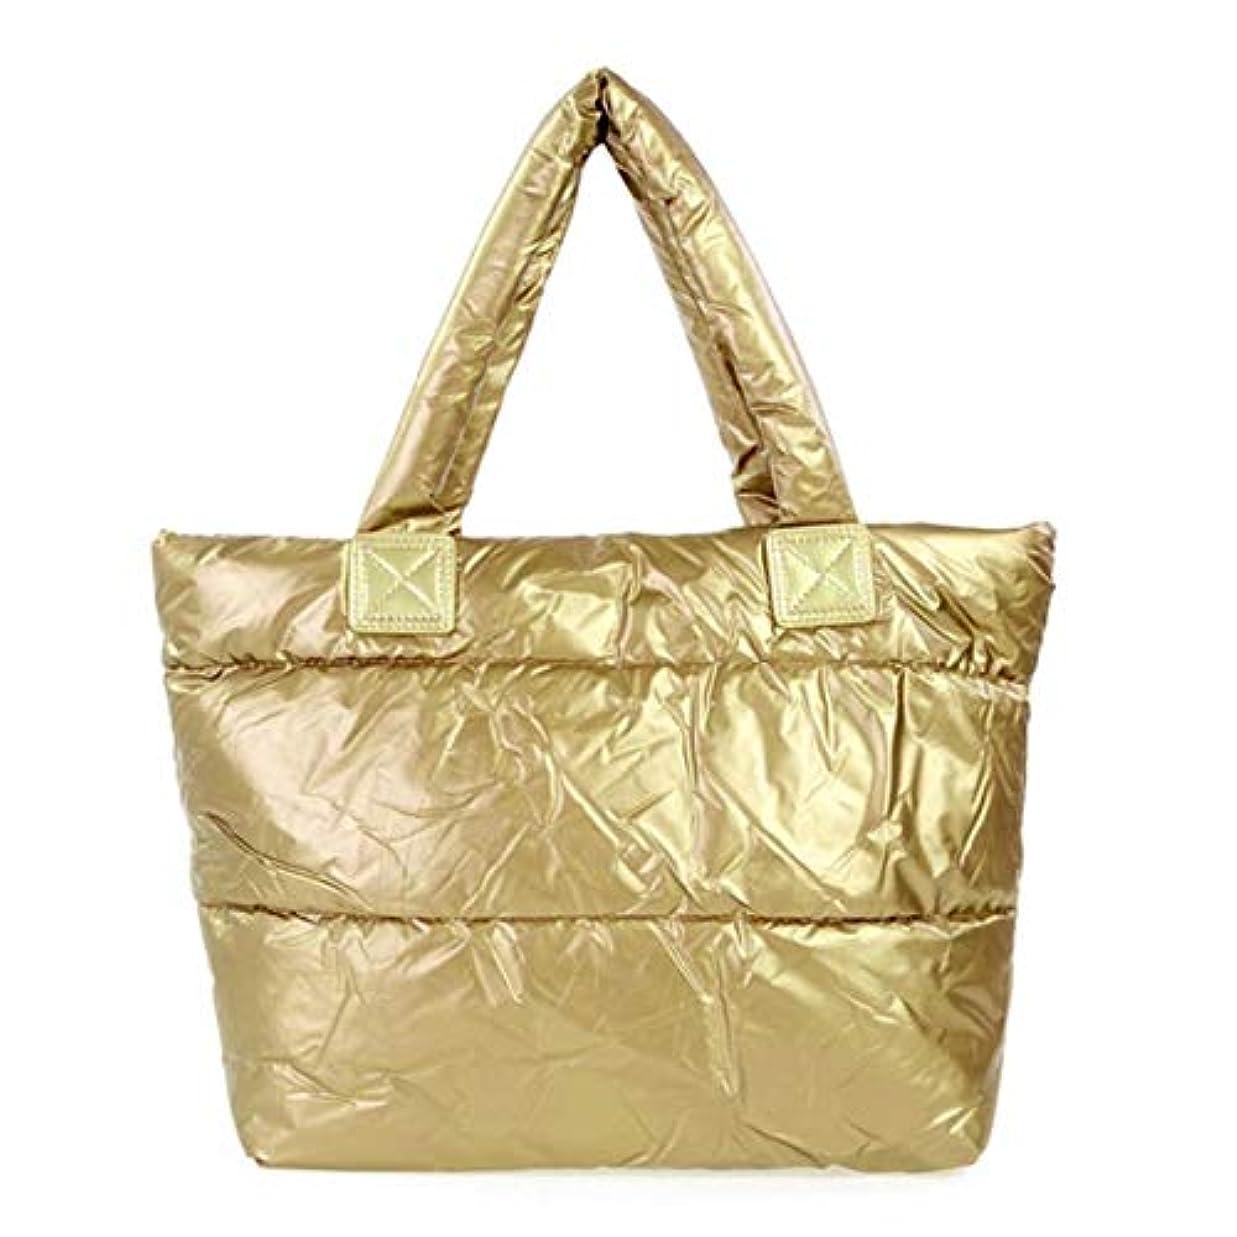 腹部しない粘土レディースバッグスペースバッグスポンジショルダーハンドバッグポータブルレディコットンパッド入りバッグ冬大容量トートバッグハンドバッグ-ゴールド